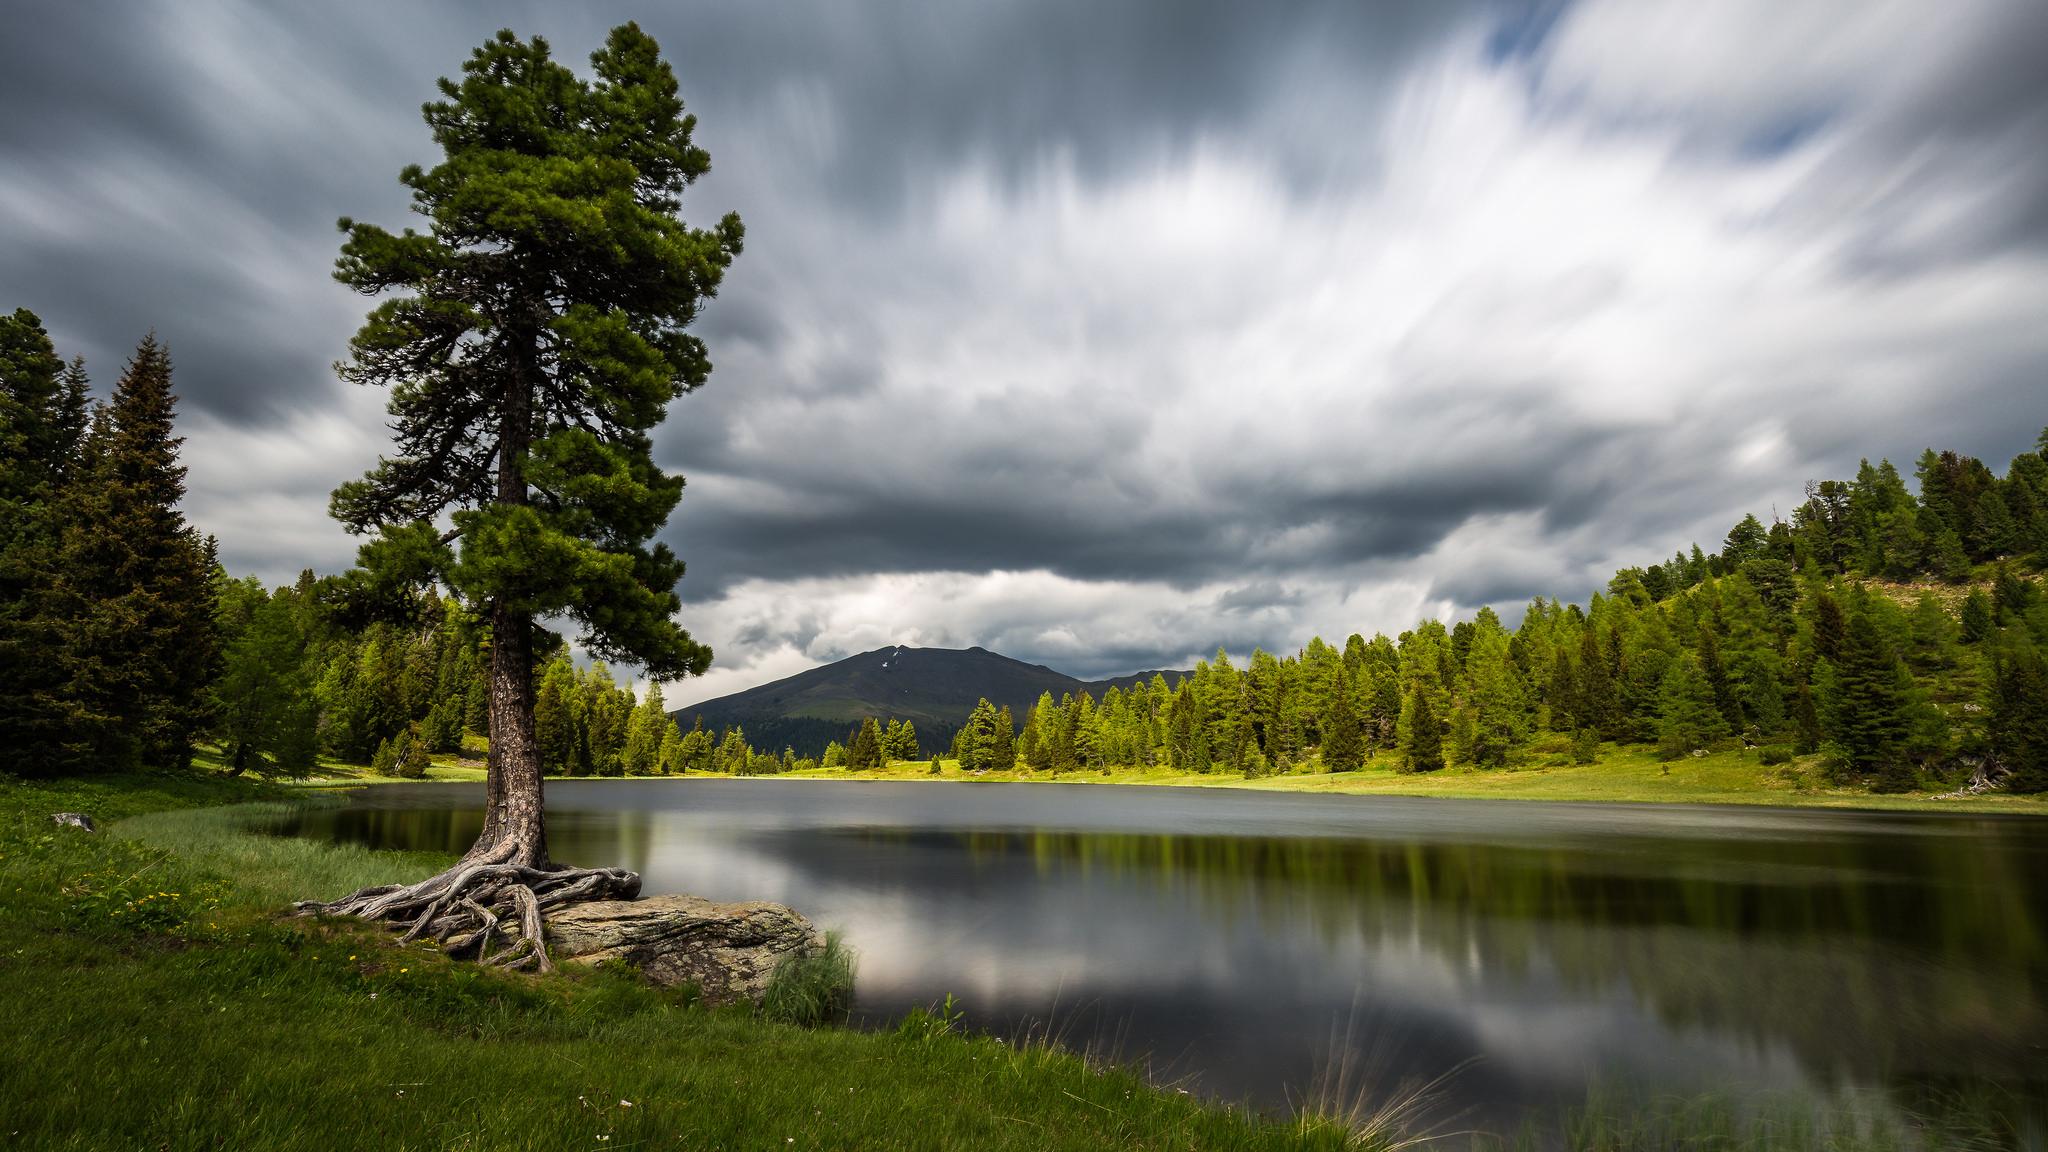 природа дерево озеро в хорошем качестве